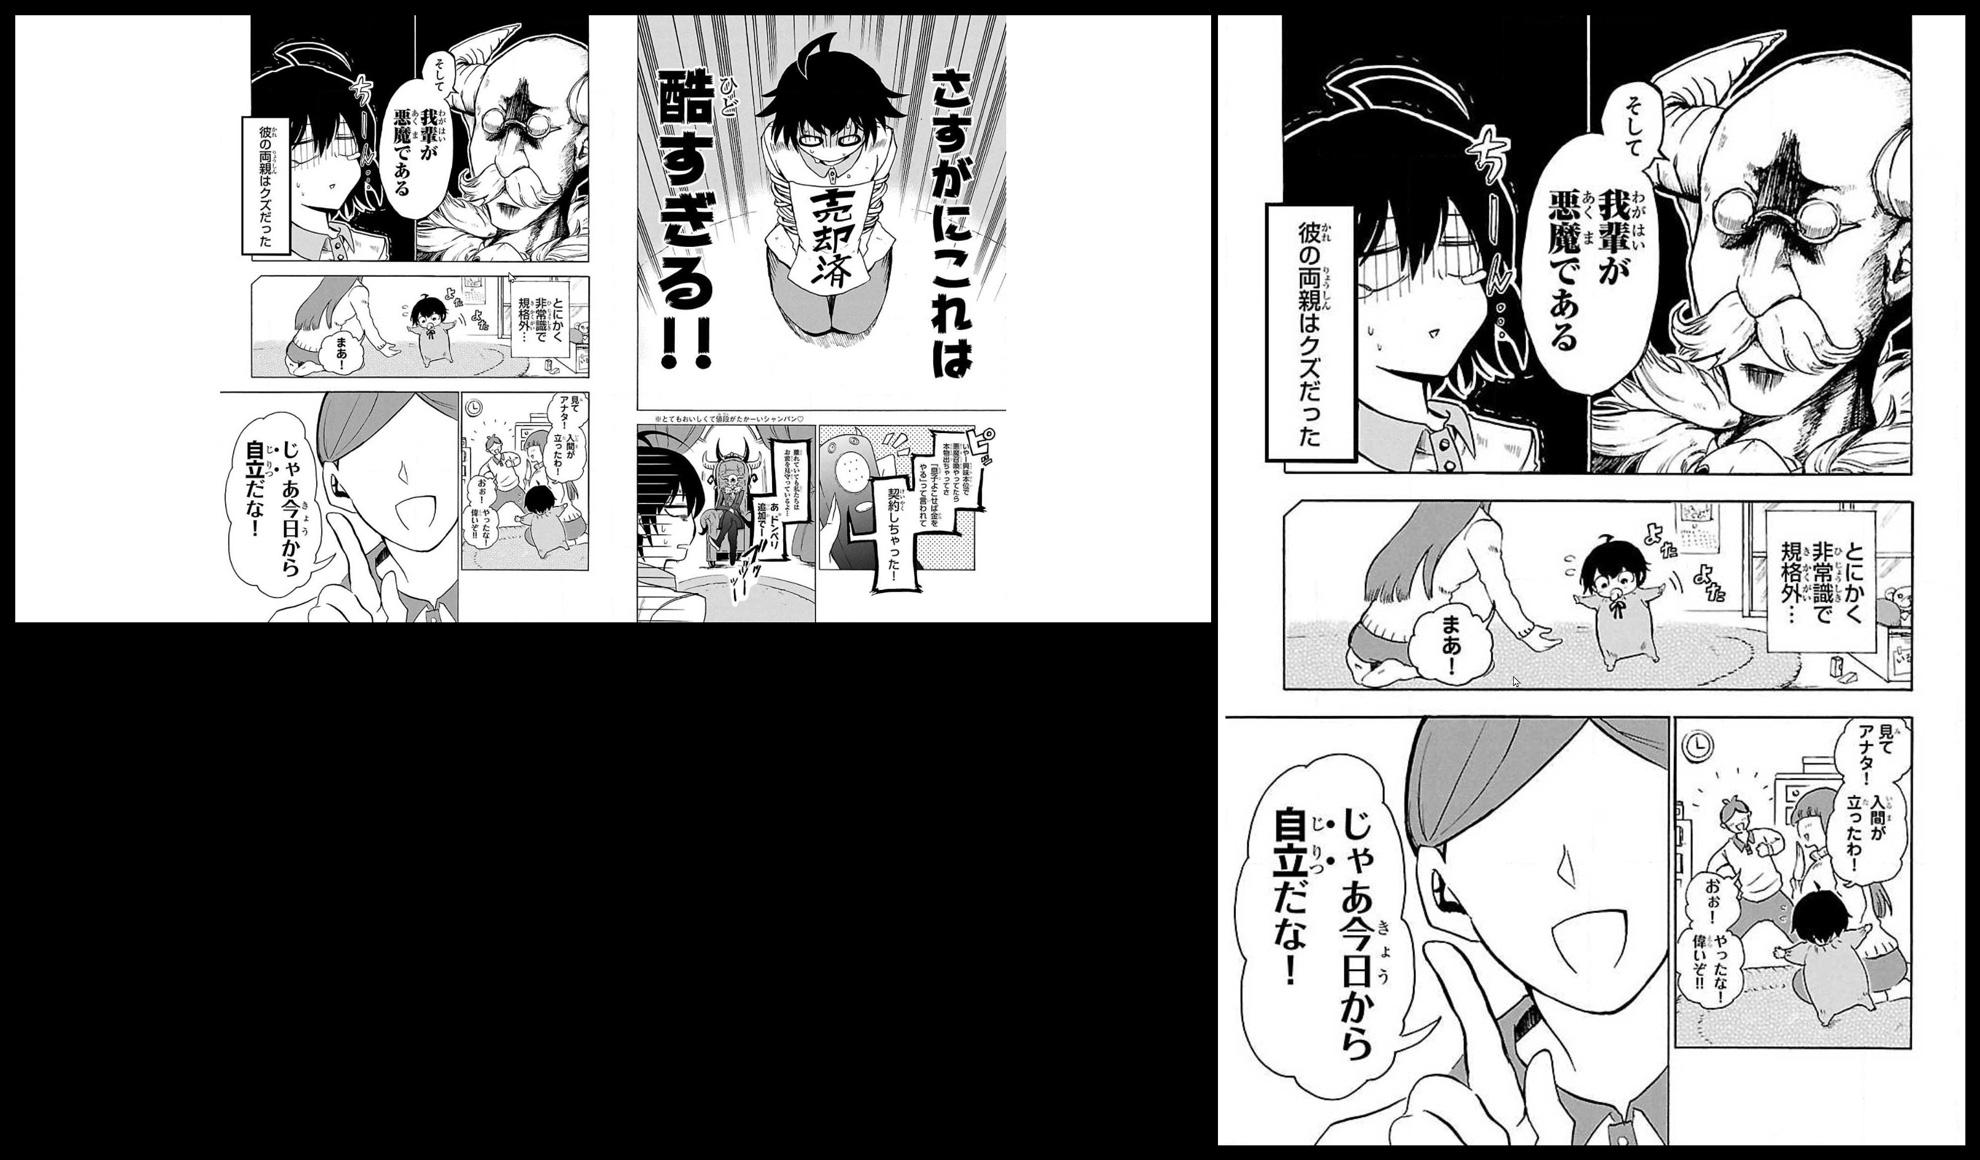 縦向きと横向き画面の漫画(コミックシーモア)見え方比較